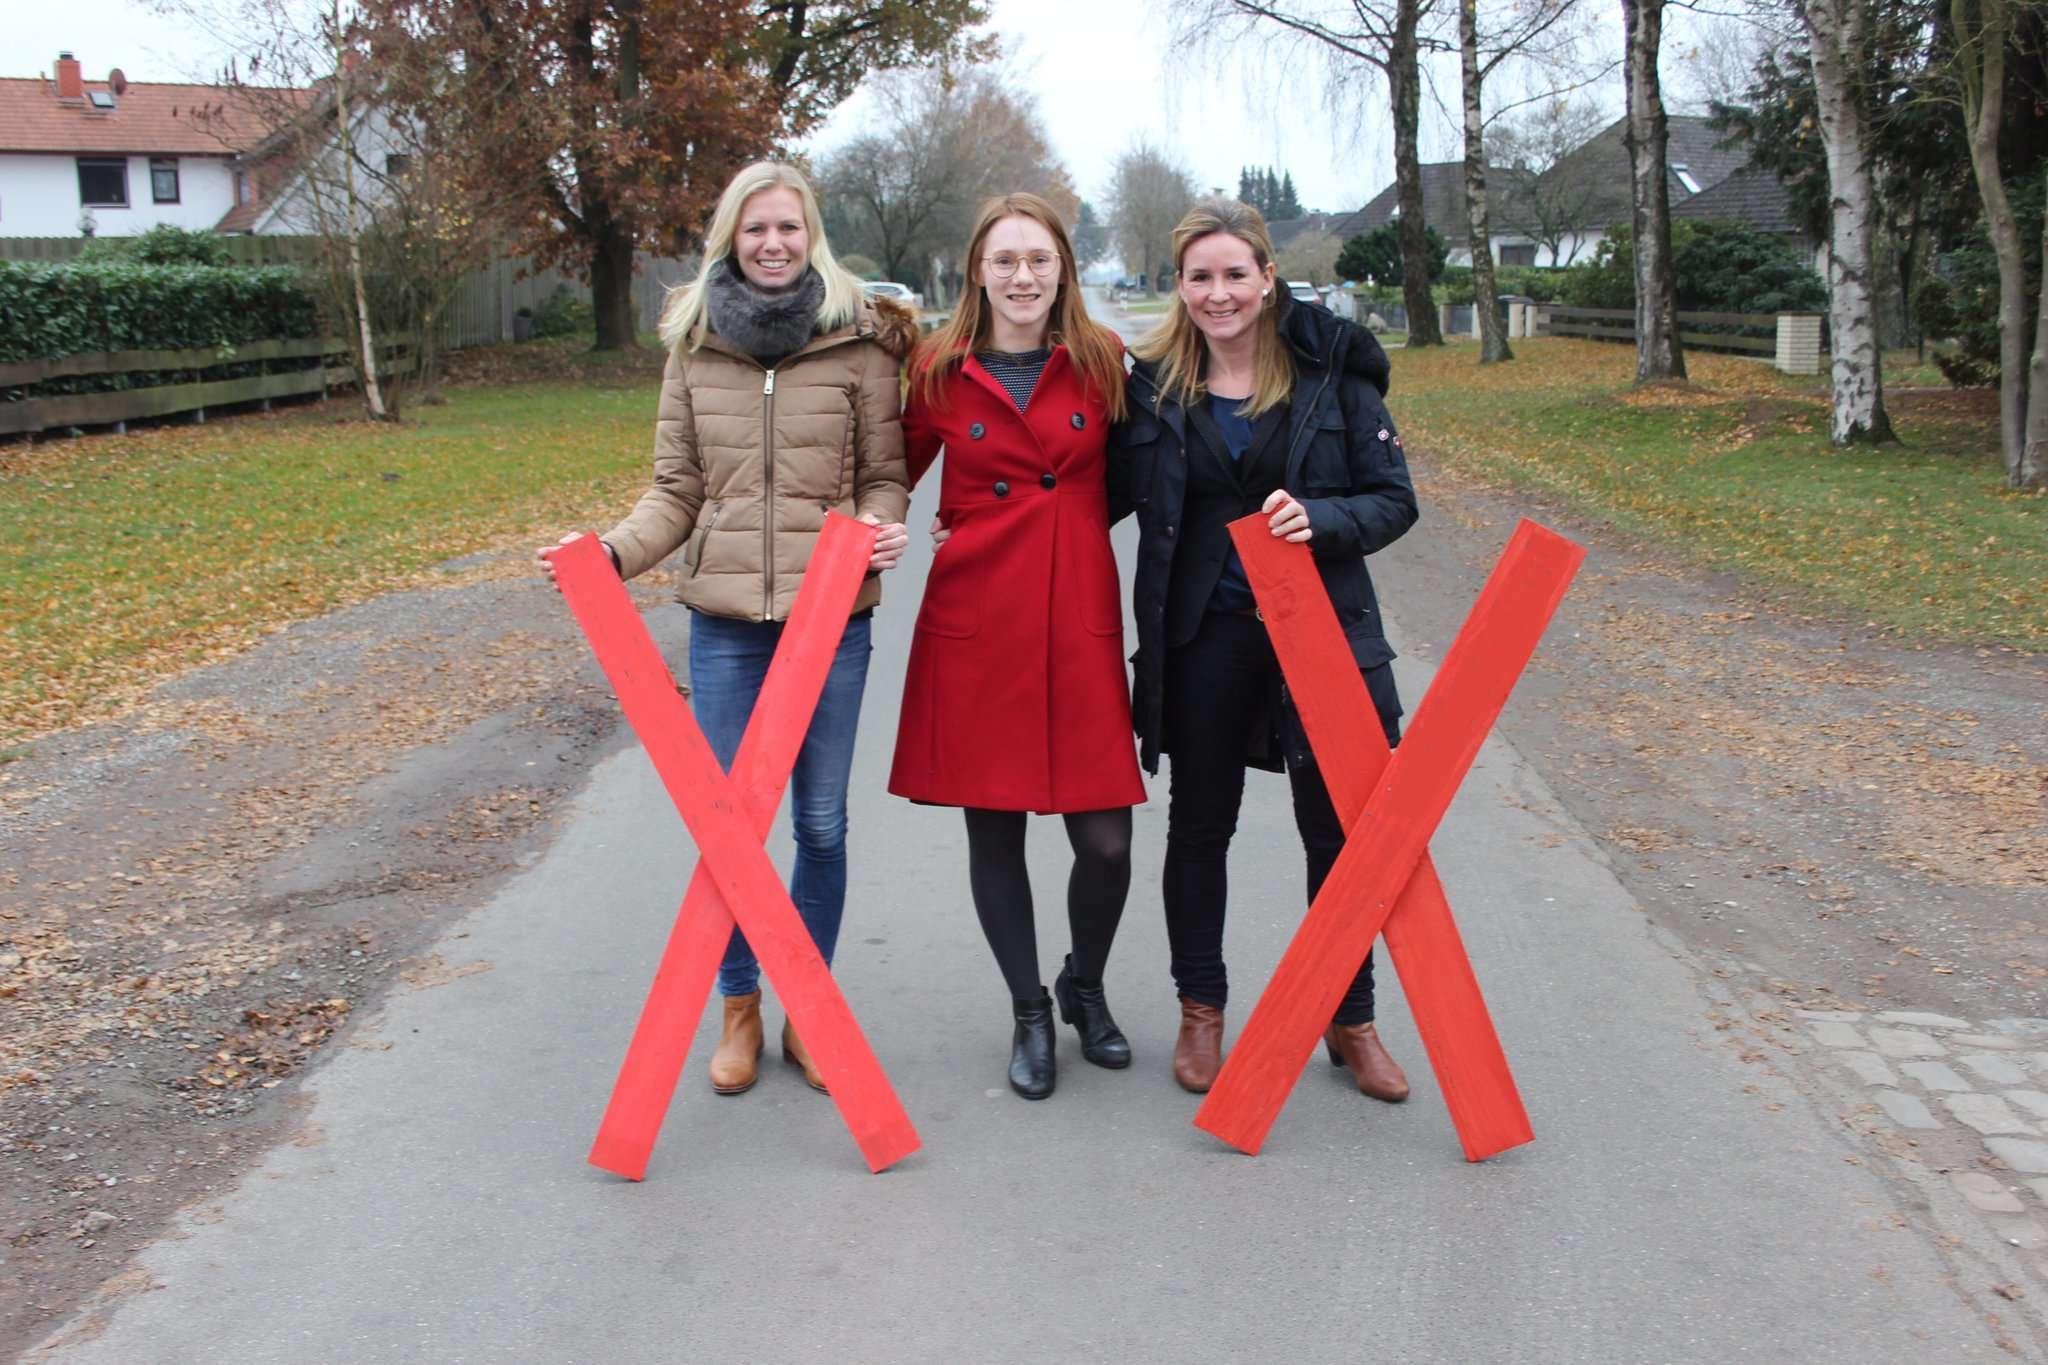 Stellen sich Dea in den Weg (von links): Annika Heinrichs, Nadine Endress und Alexandra Schröder von der Bürgerinitiative